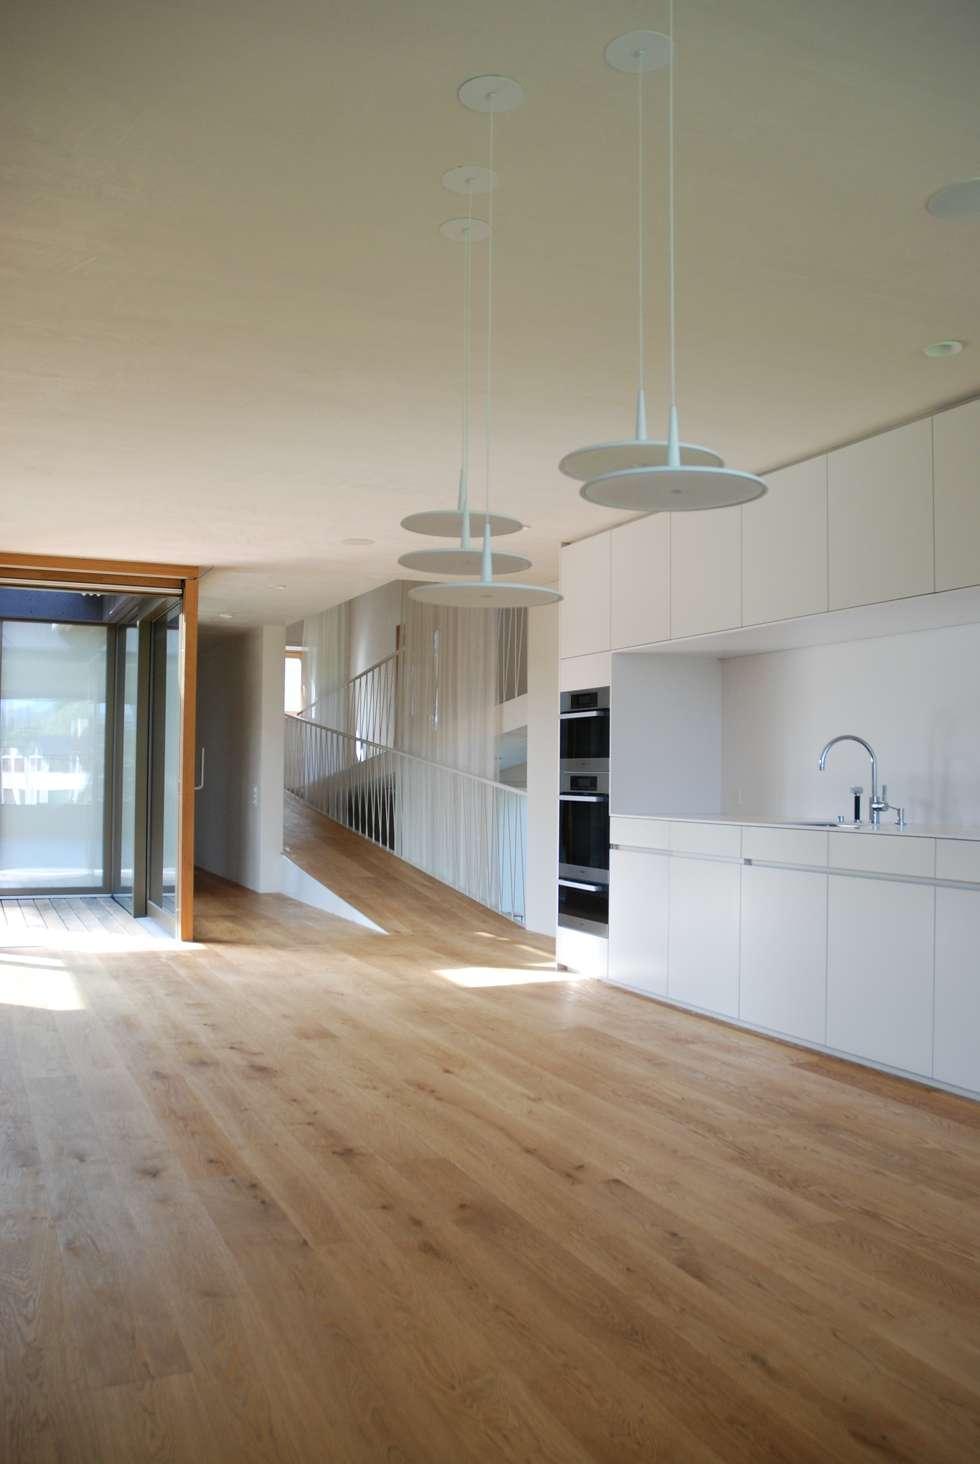 Moderne Wohnzimmer Bilder: Wohnen Essen Küche Veranda  homify